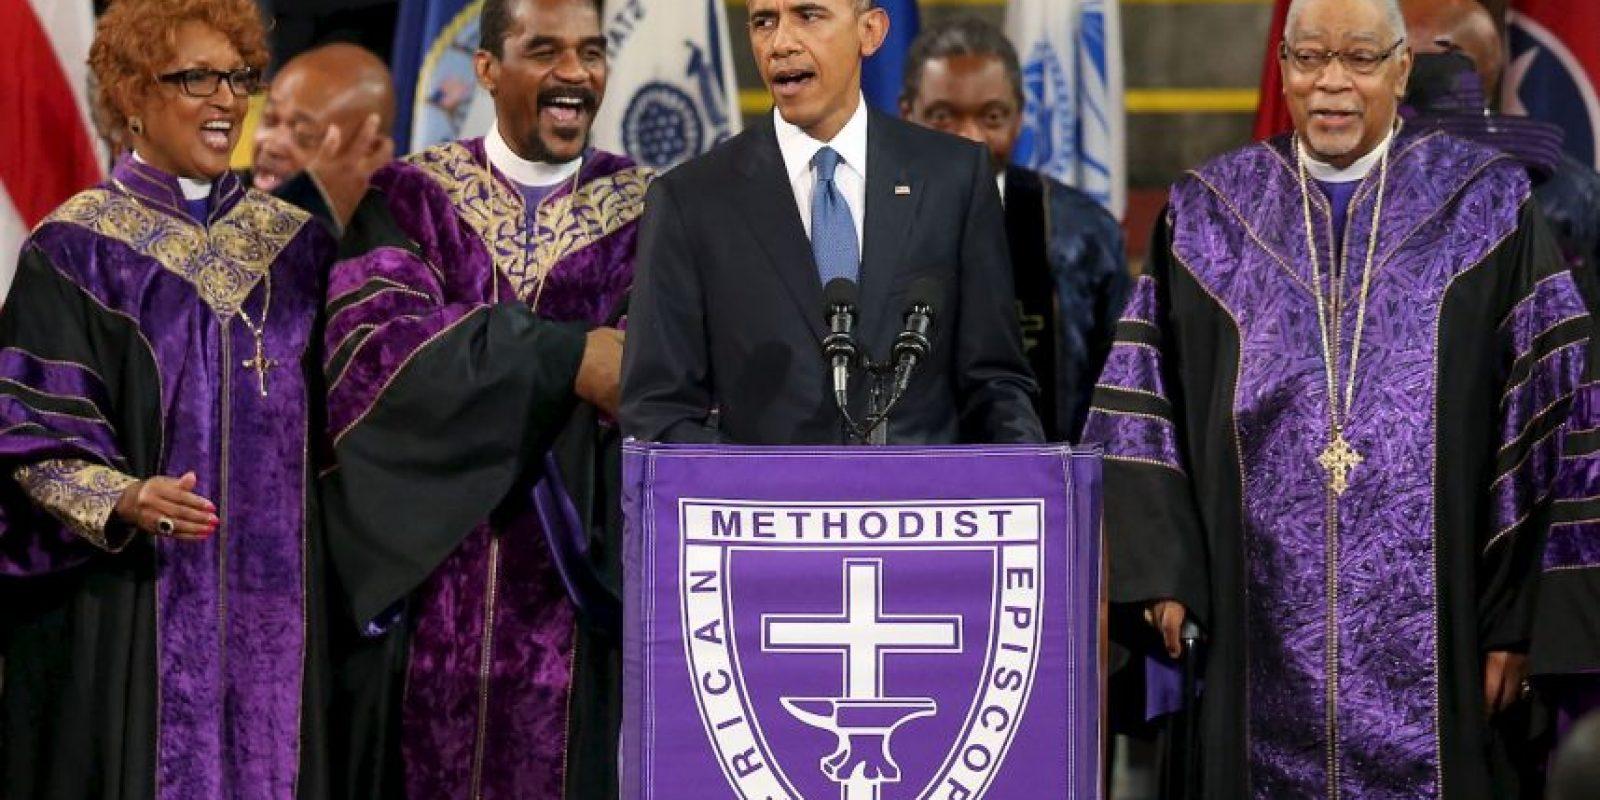 Su media hermana Auma Obama cree que es increíble. Foto:Getty Images